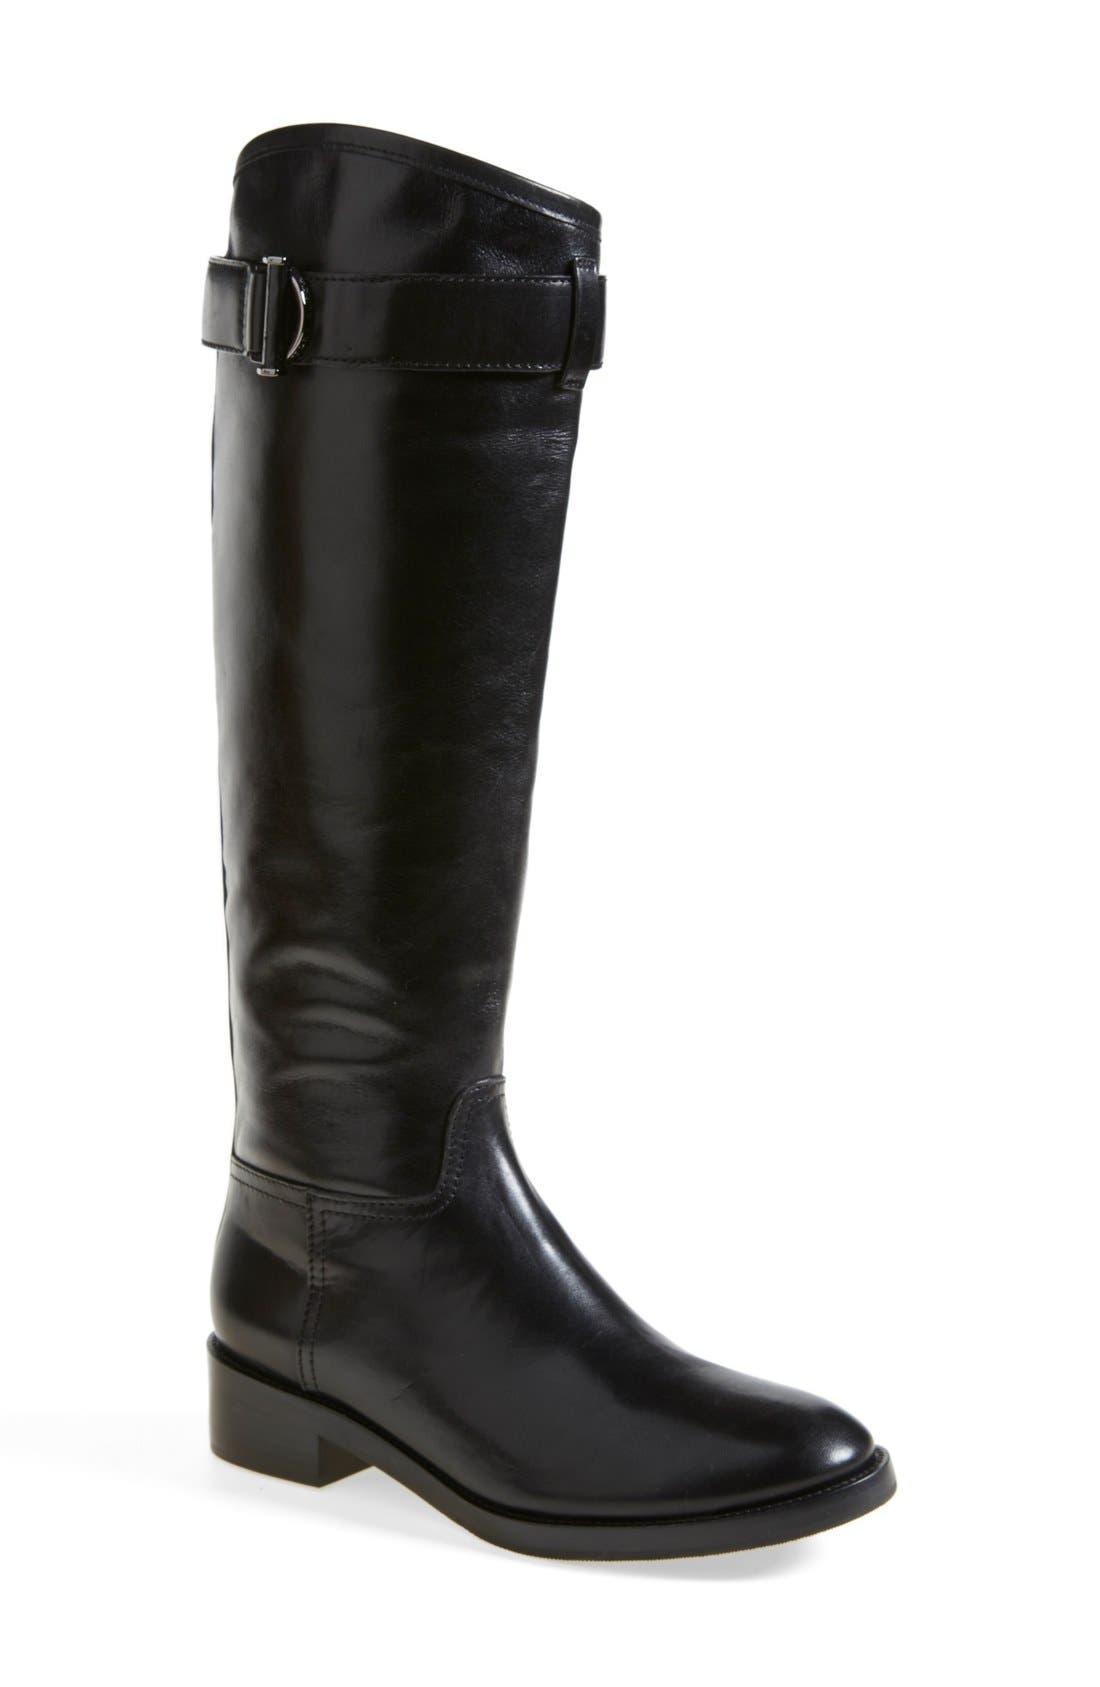 Main Image - Tory Burch 'Grace' Boot (Women)